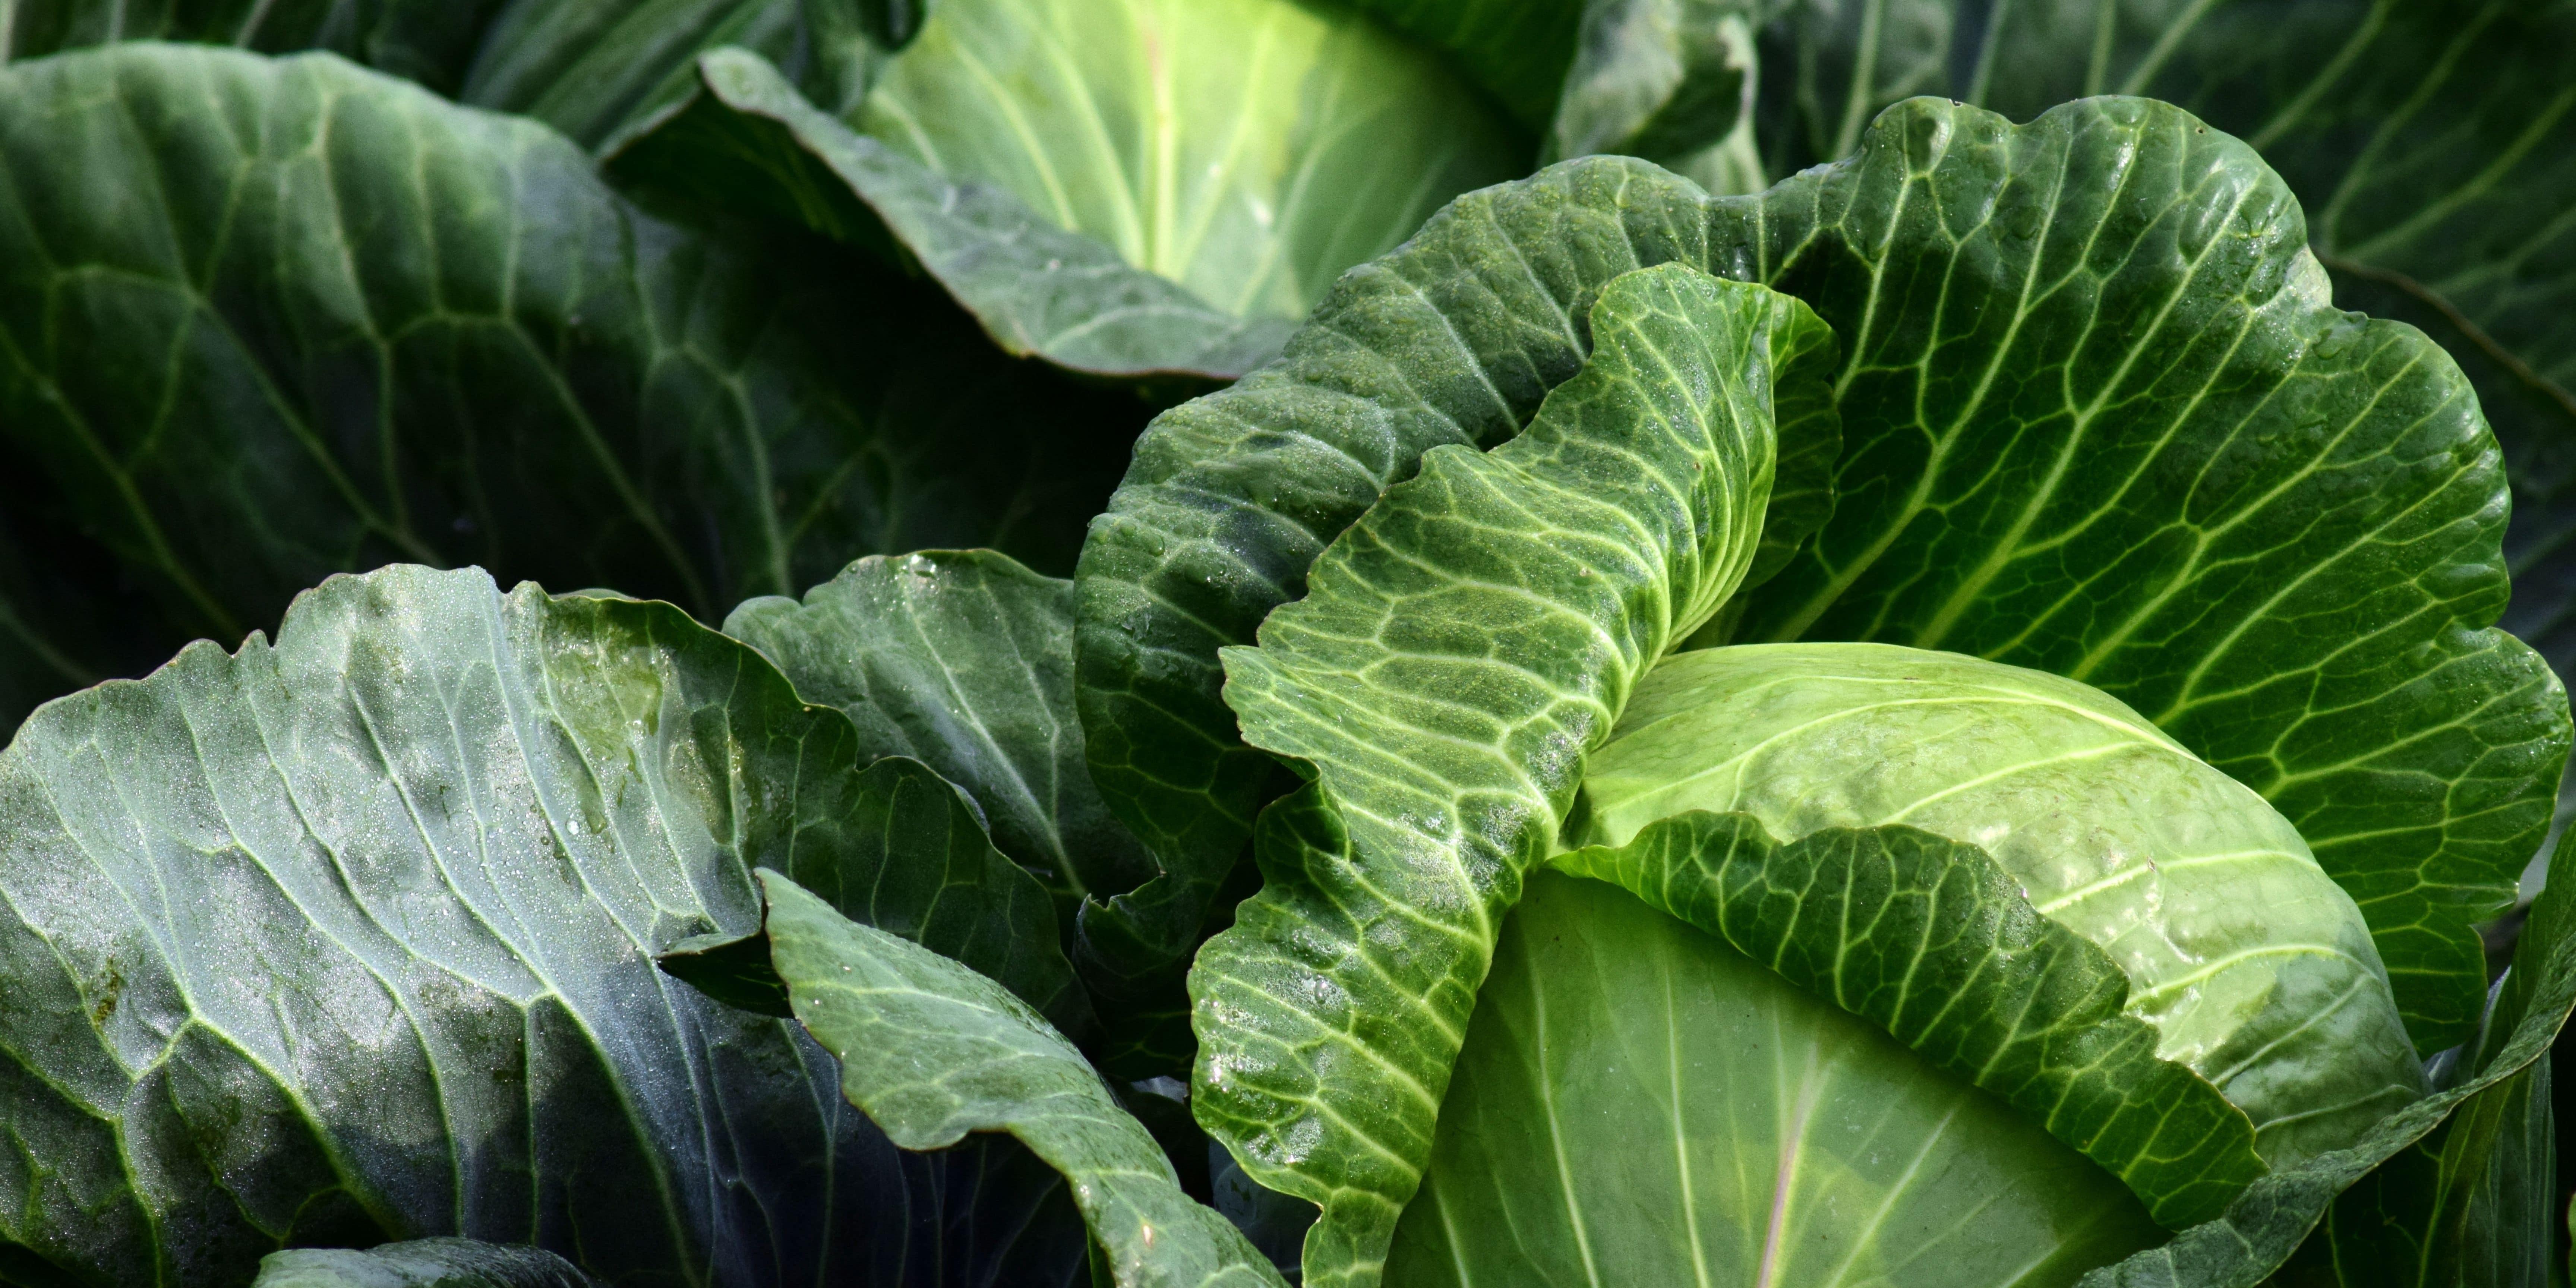 Fresh cabbages in storage